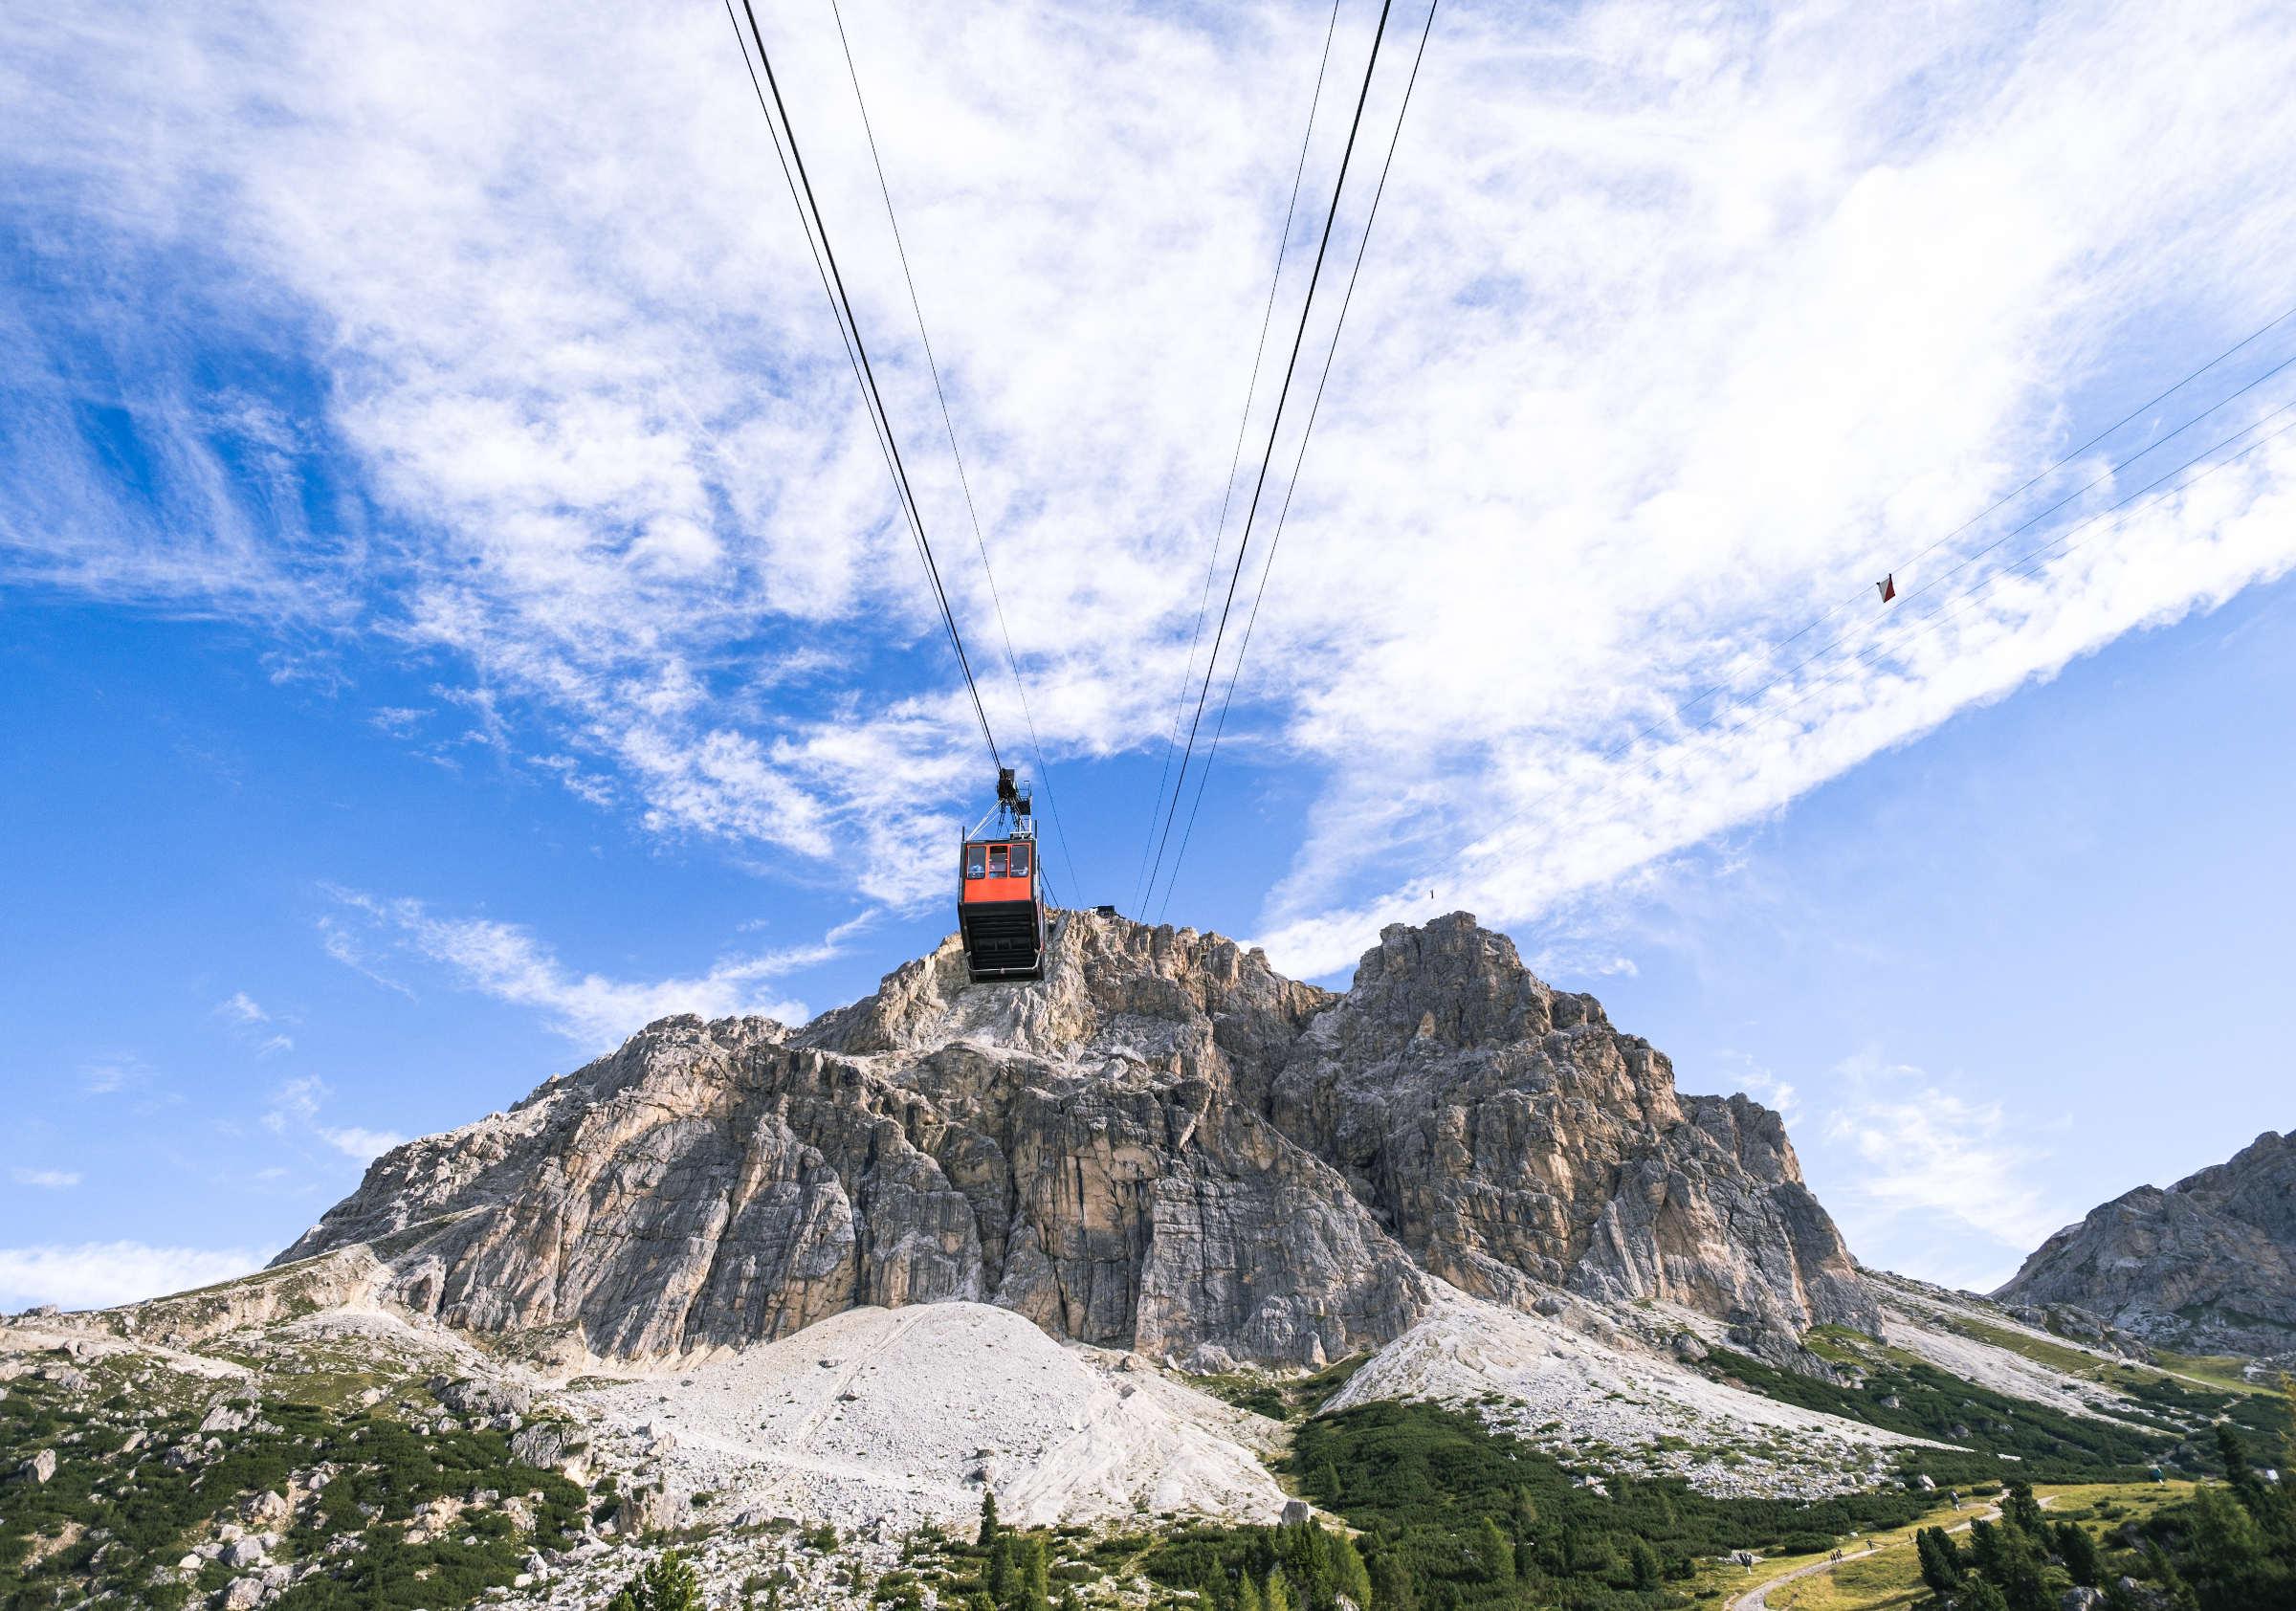 Sul monte Lagazuoi a Cortina, le escursioni nella storia della Grande Guerra-FranzPeriniLagazuoiEdit-3202